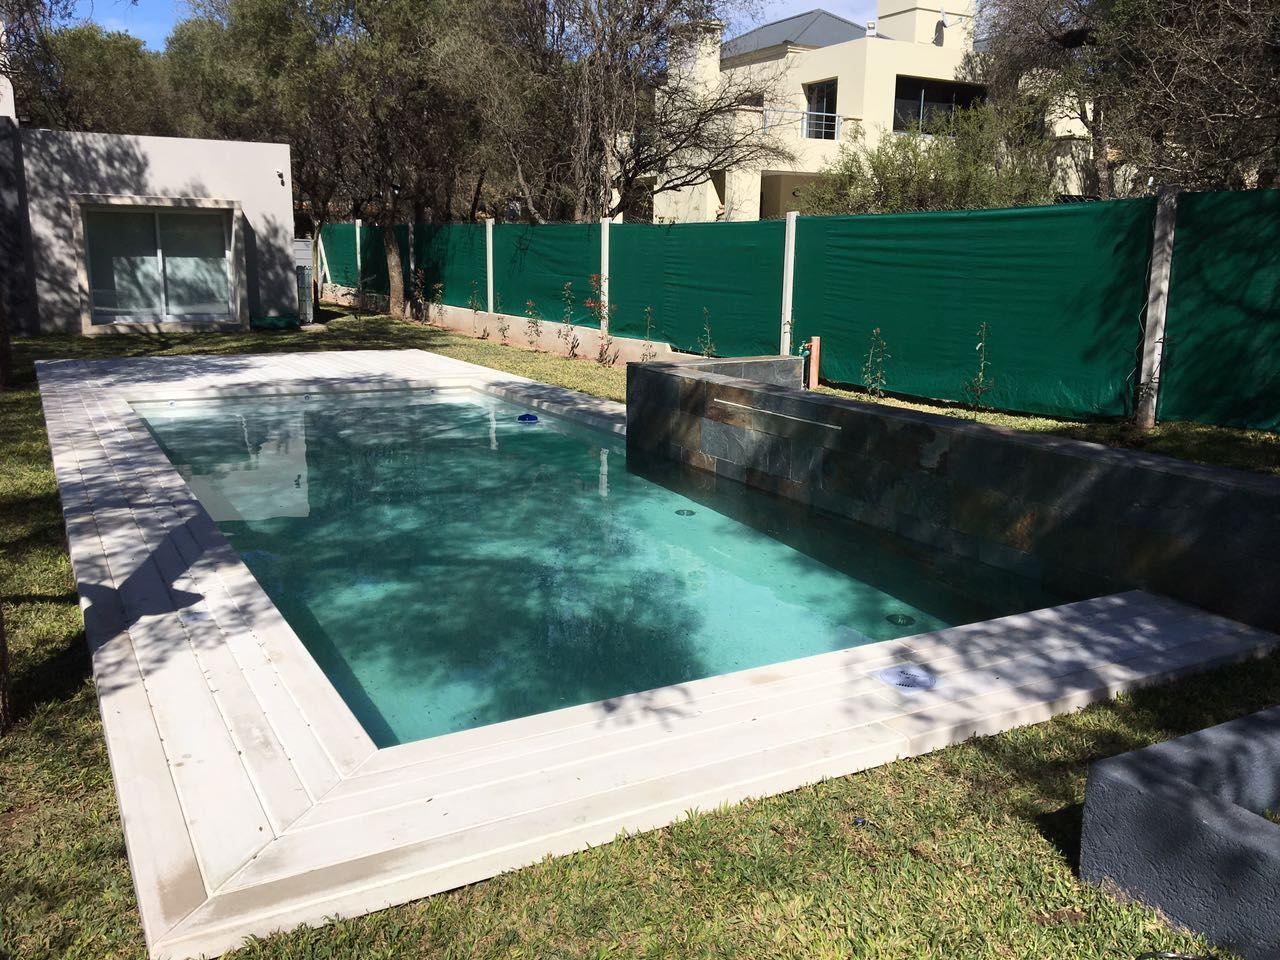 piscina scualo + tendencia + wellness + diseÑo exclusivos +